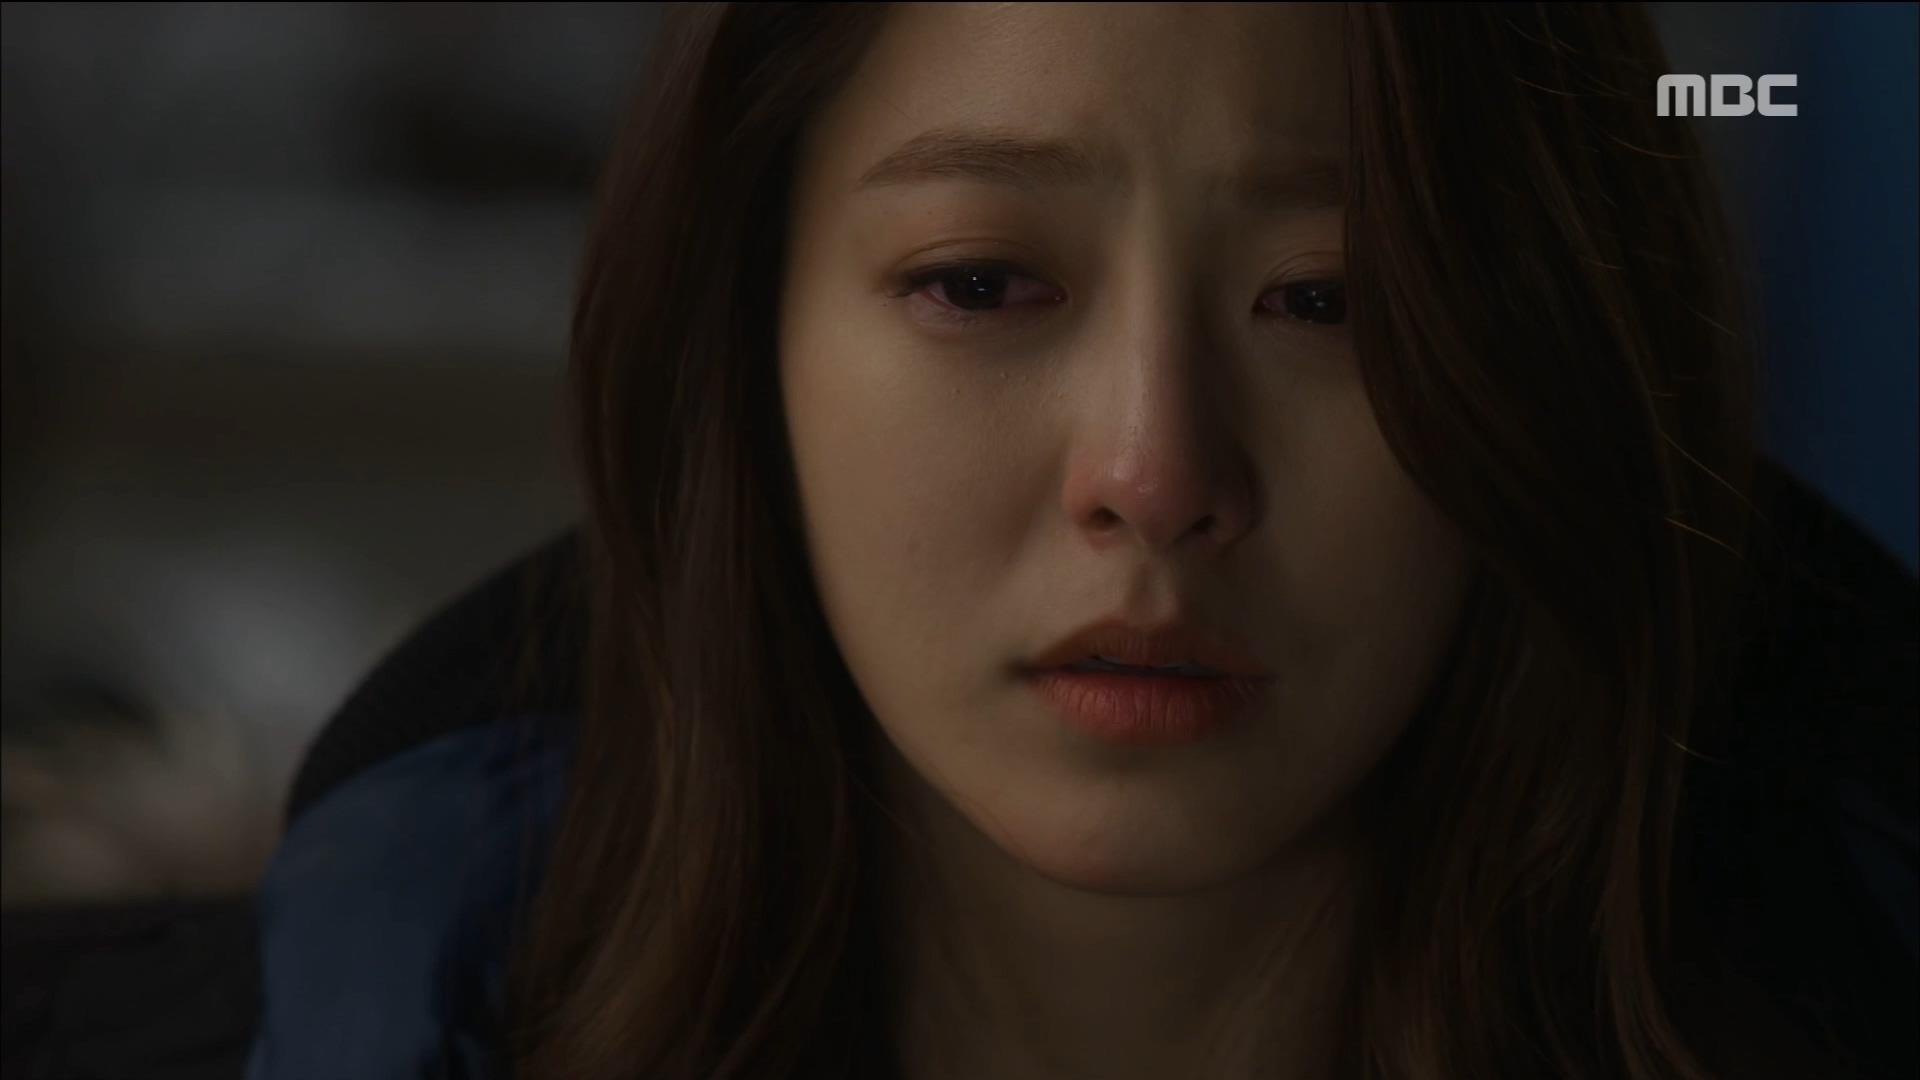 박세영,장혁에 장승조가 날 속였다는 사실이 참 많이 비참해요..